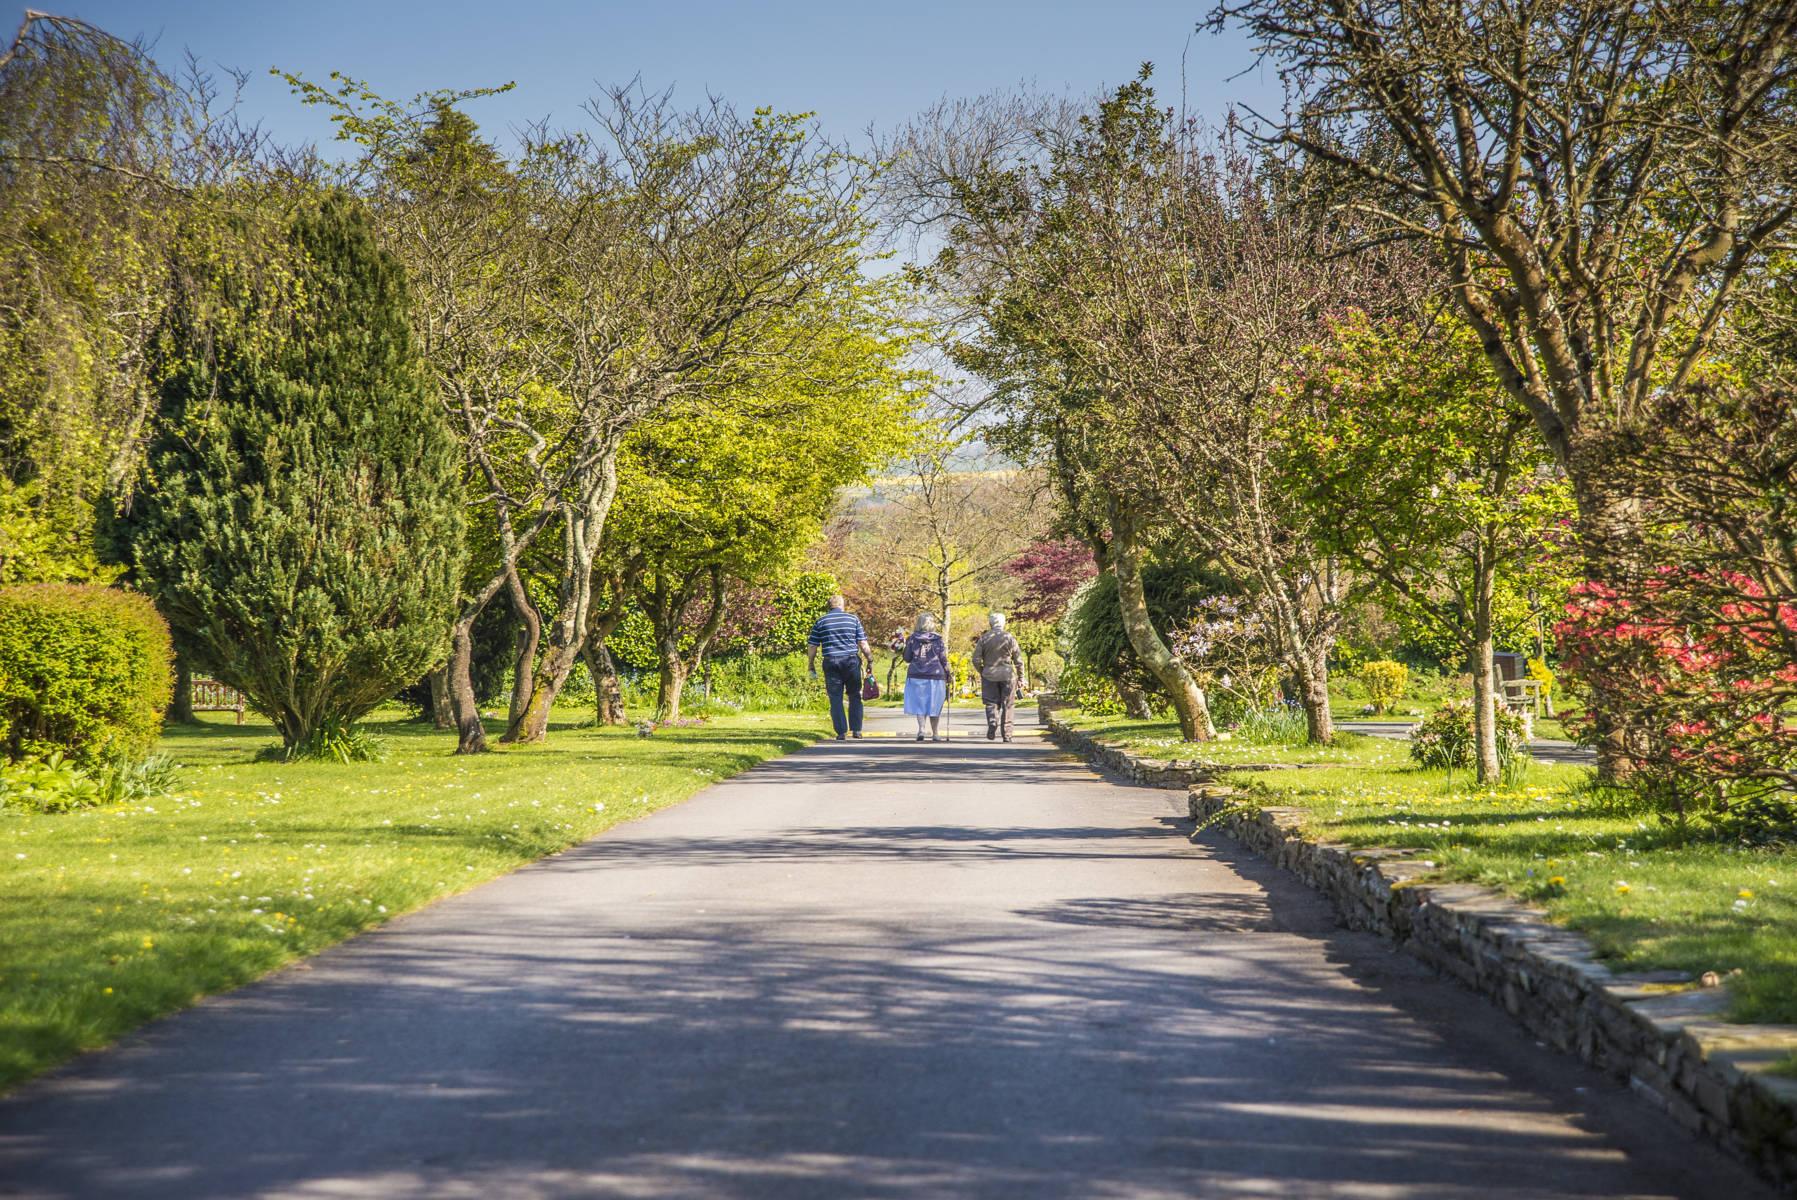 http://drakememorialpark.co.uk/upload/gallery_image/167afa270319114700.JPG